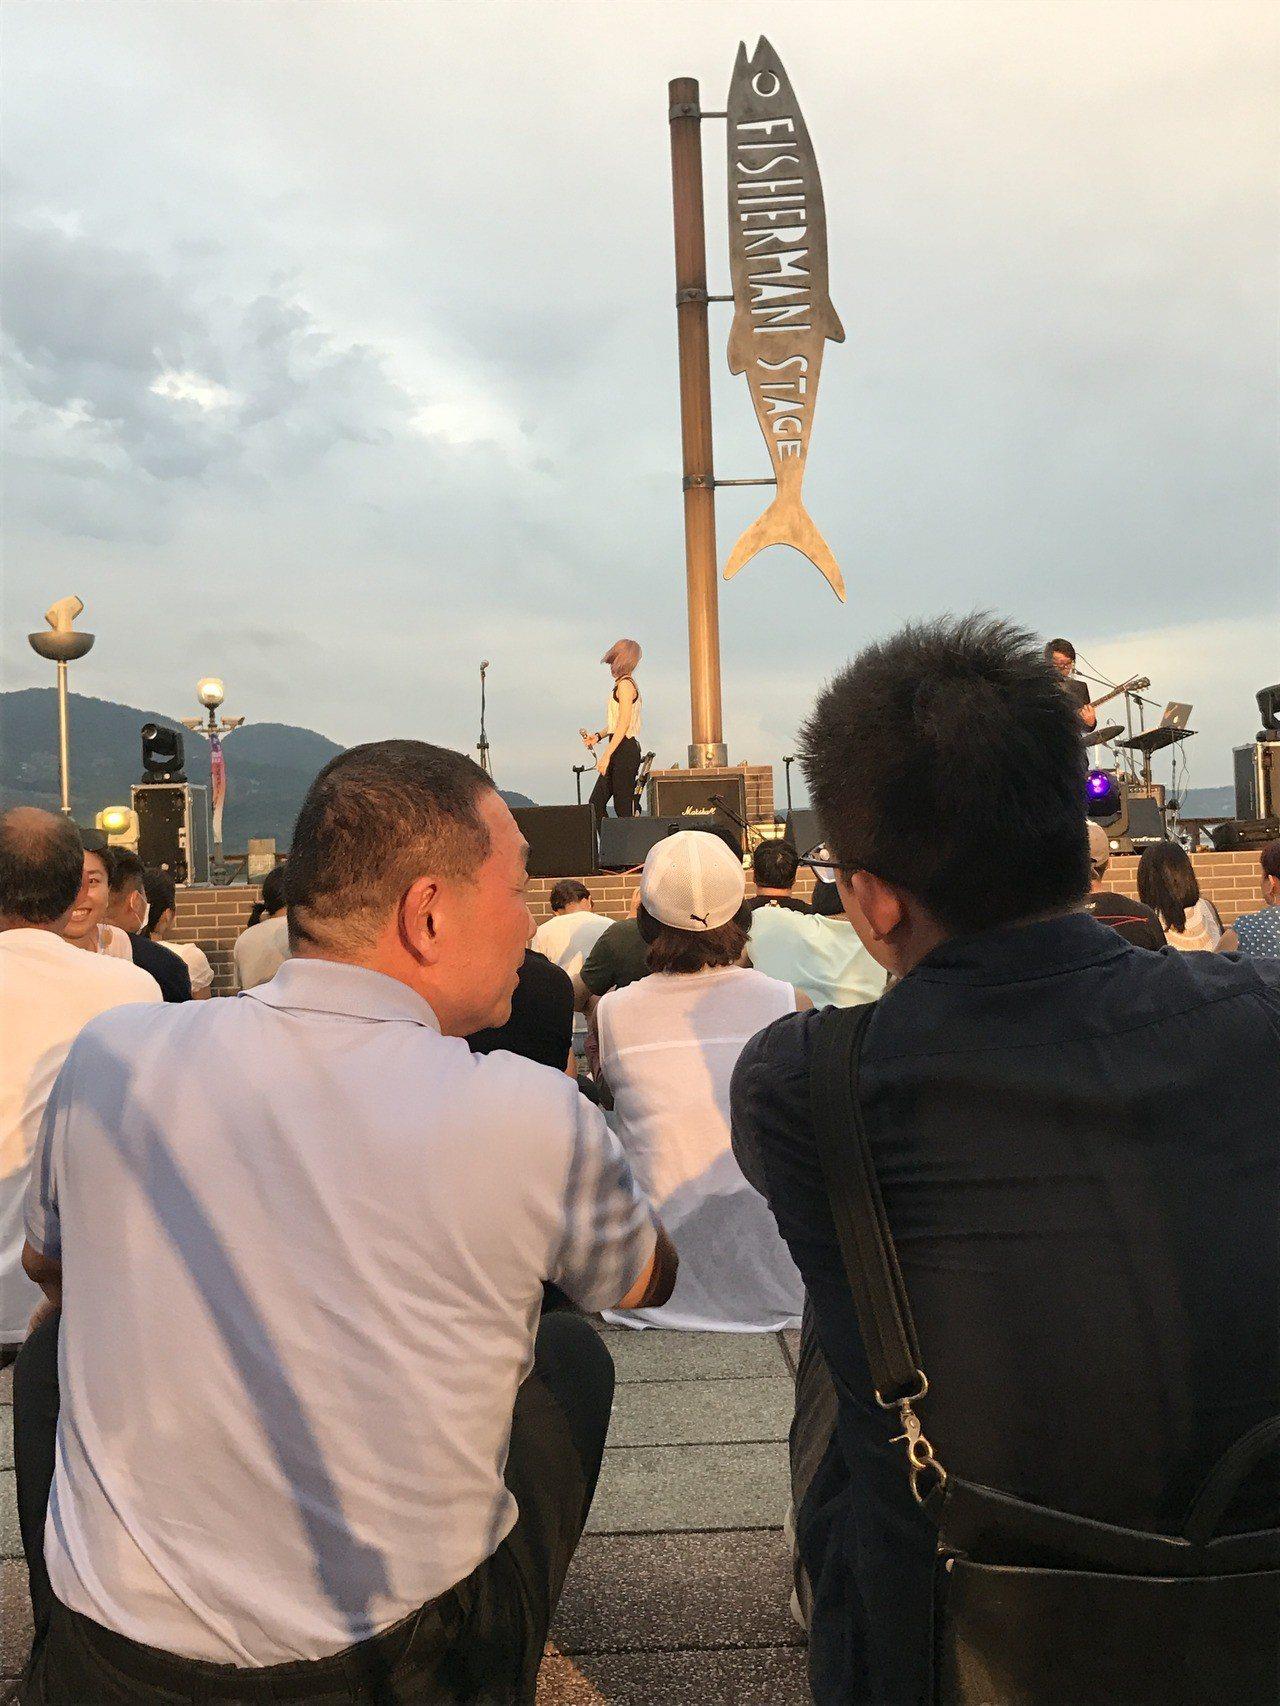 國民黨新北市長參選人侯友宜今晚到淡水漁人碼頭參加原創音樂祭,席地而坐耹聽欣賞。記...